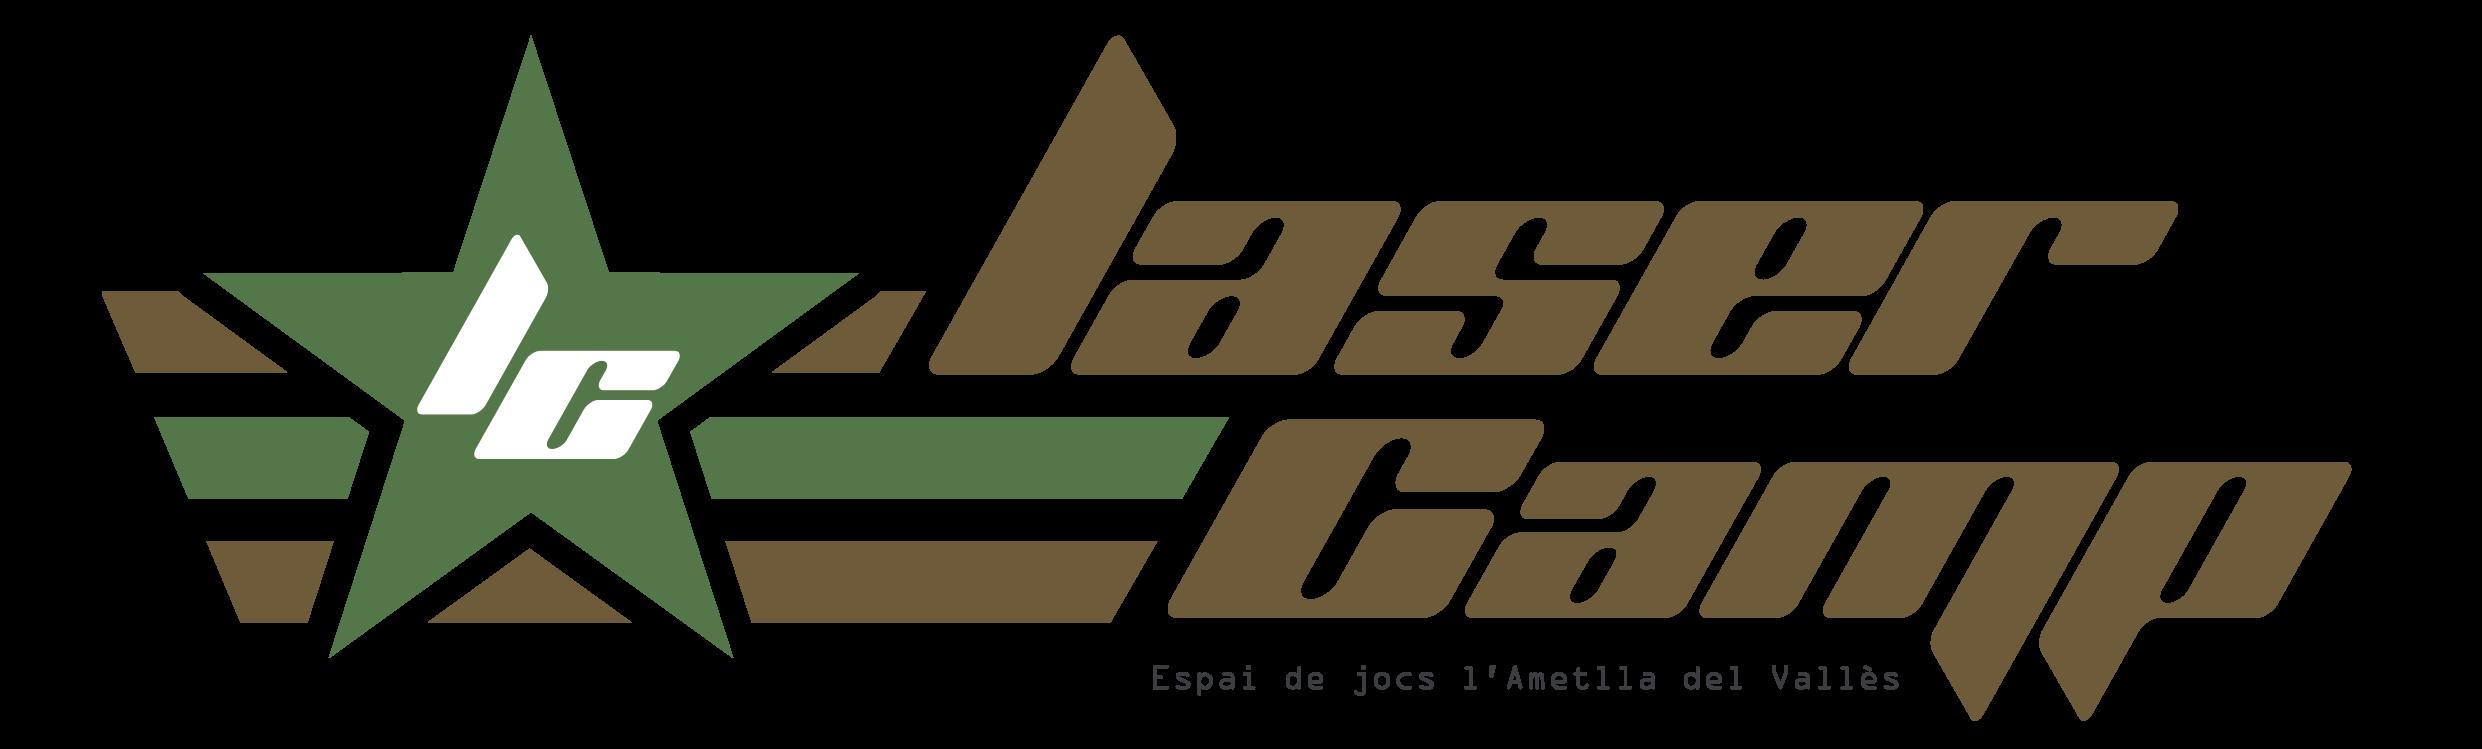 LaserCamp Vallès : Espai de Jocs l'Ametlla del Valles